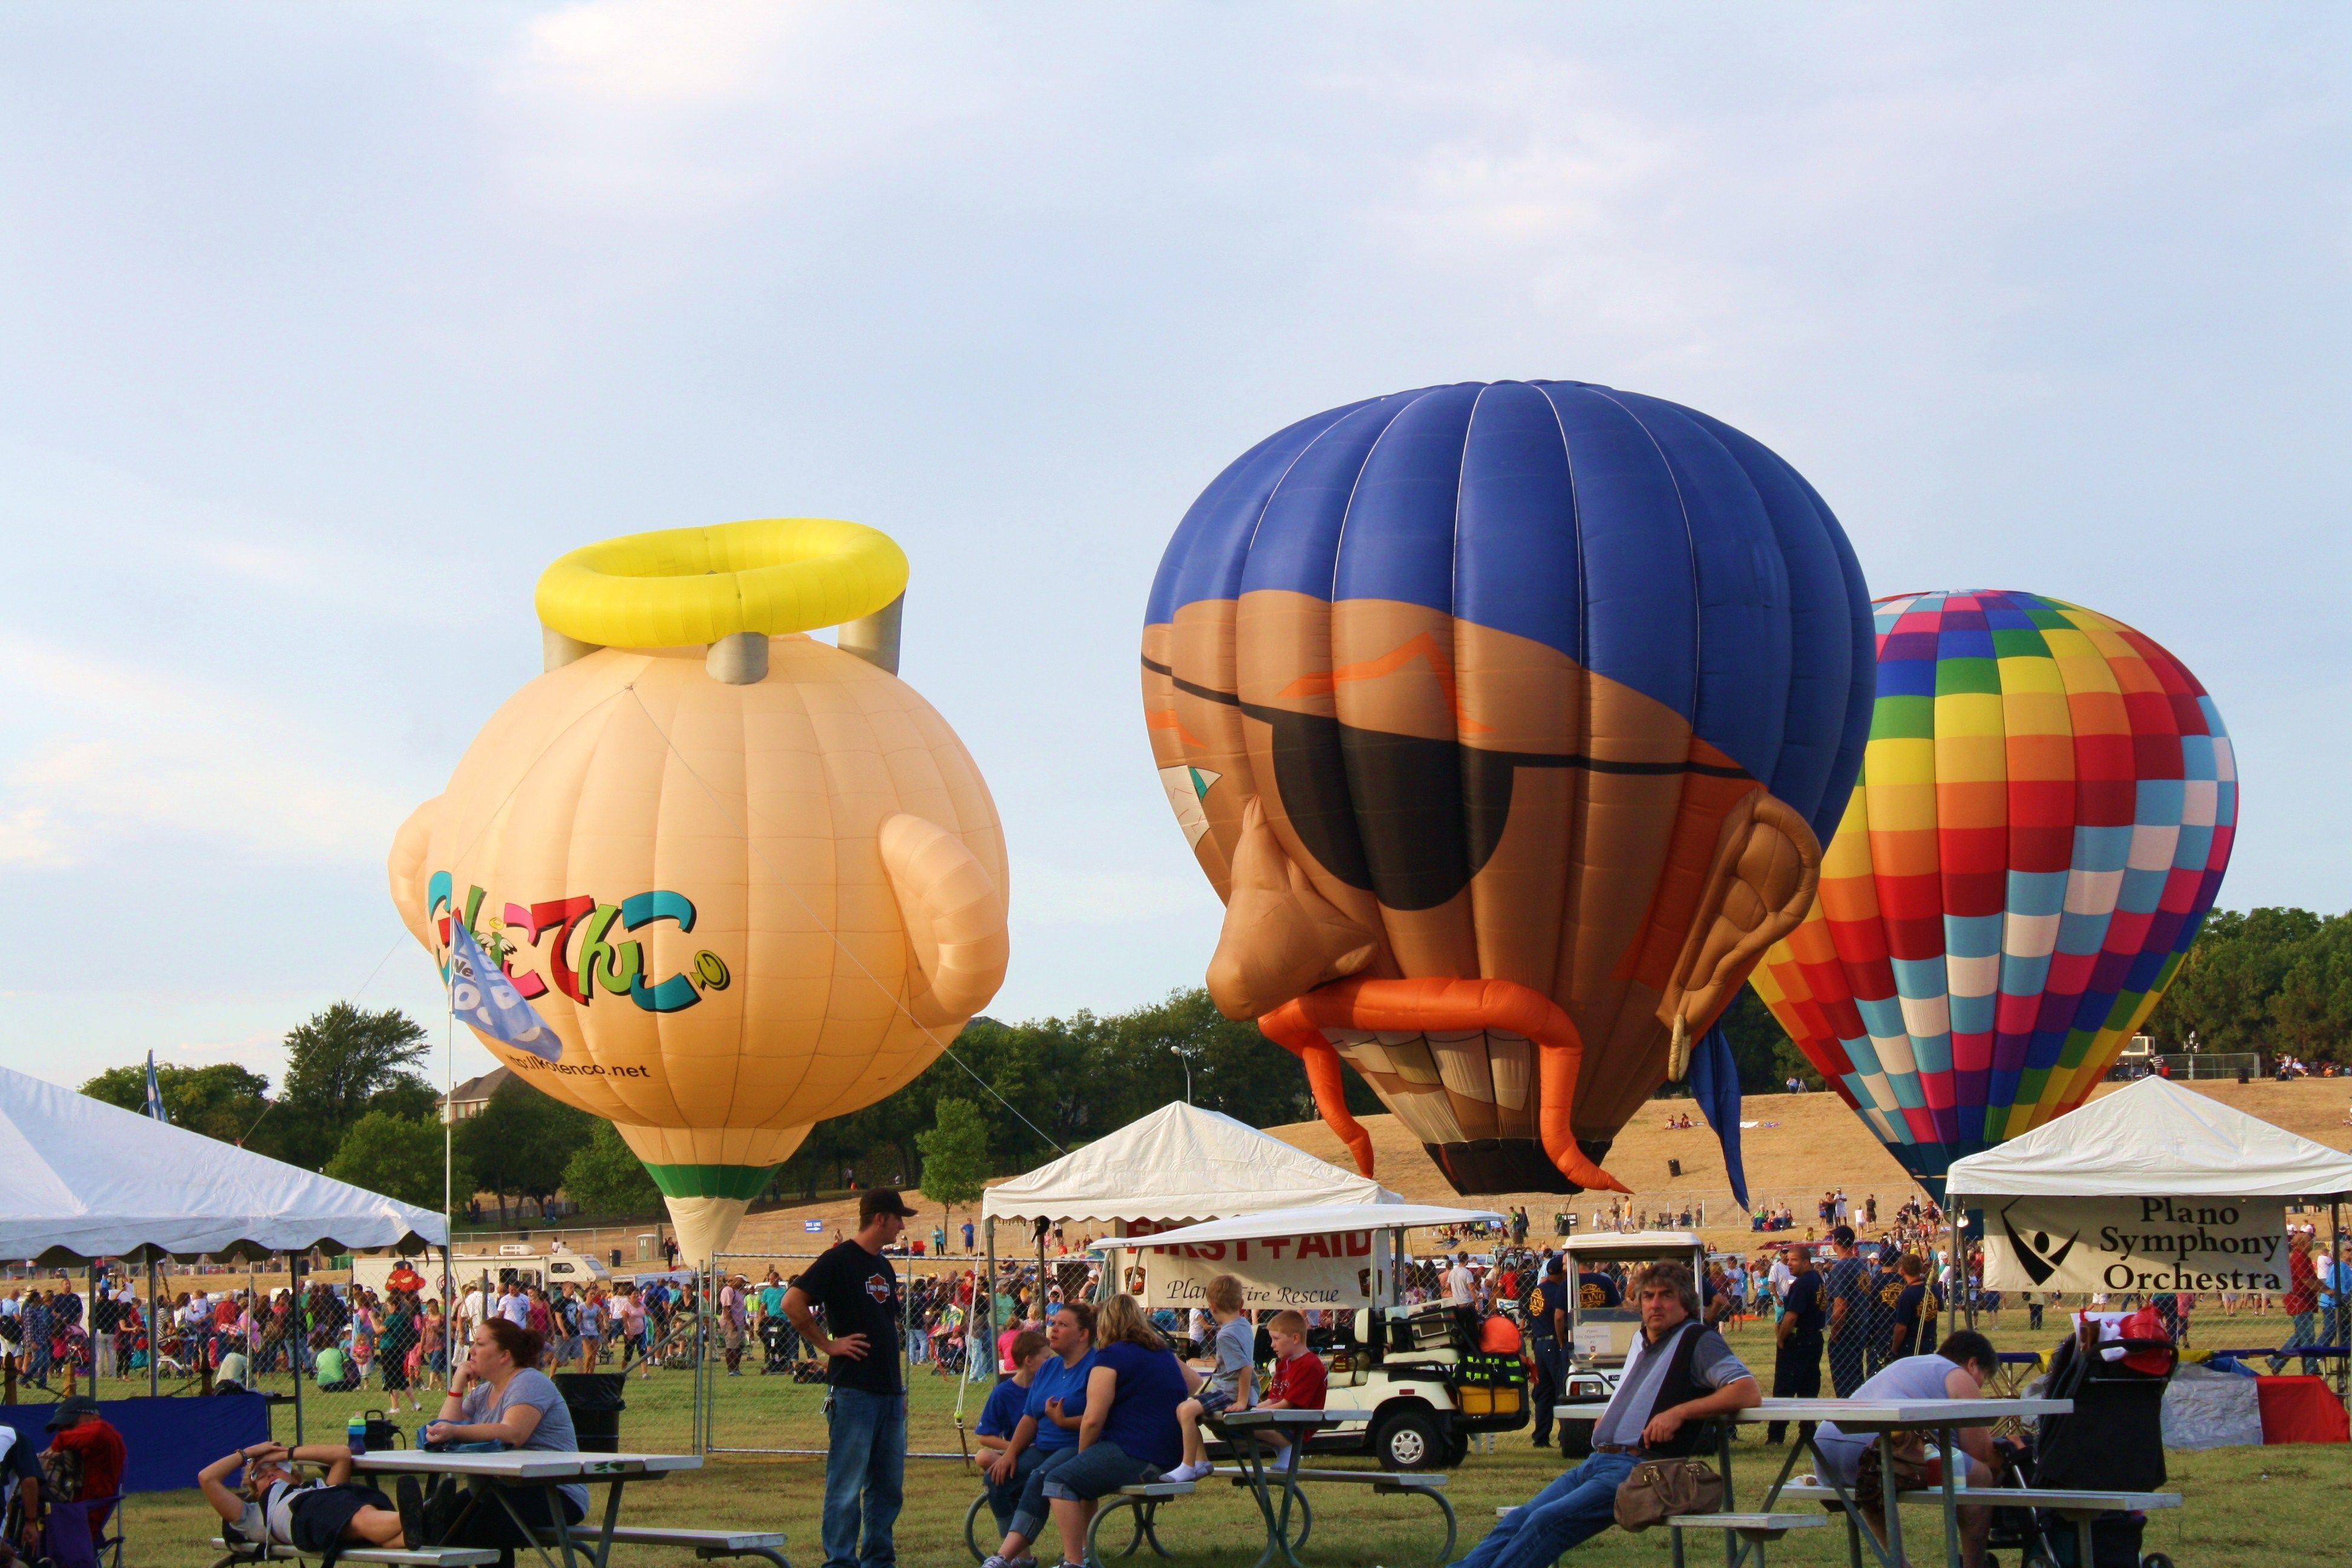 Plano Balloon Festival Plano, Texas Hot air balloon rides